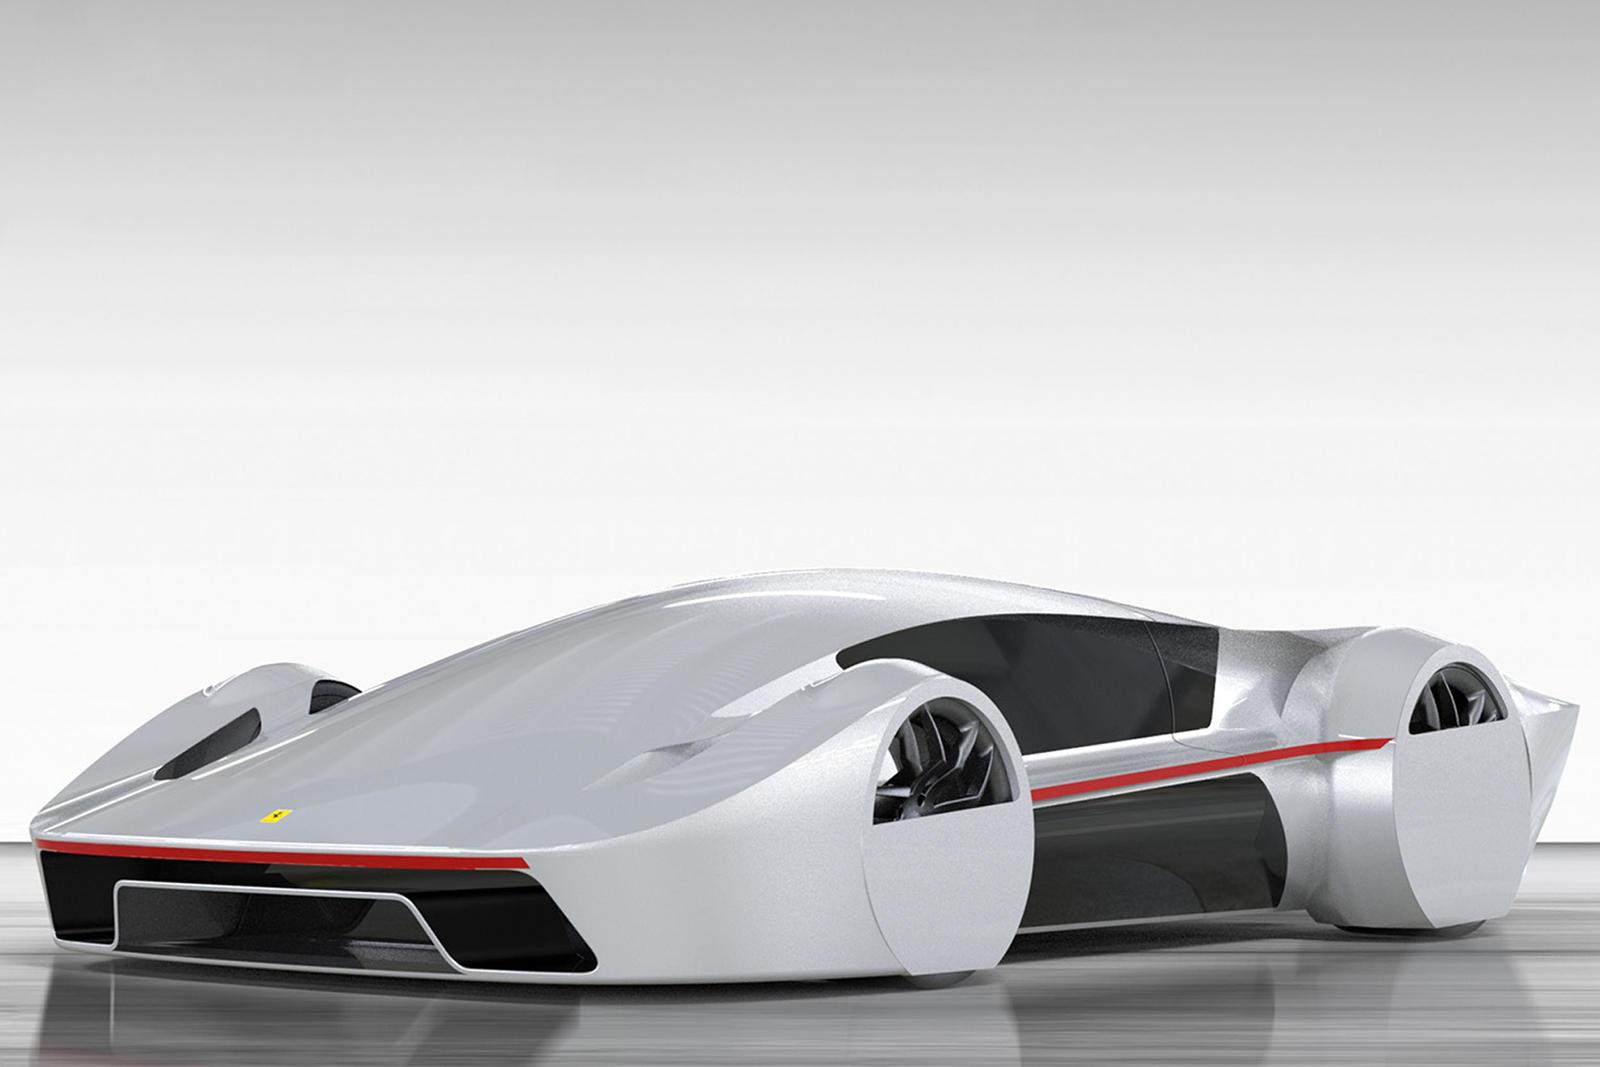 This Retro Inspired Ferrari Concept Needs To Happen Carbuzz